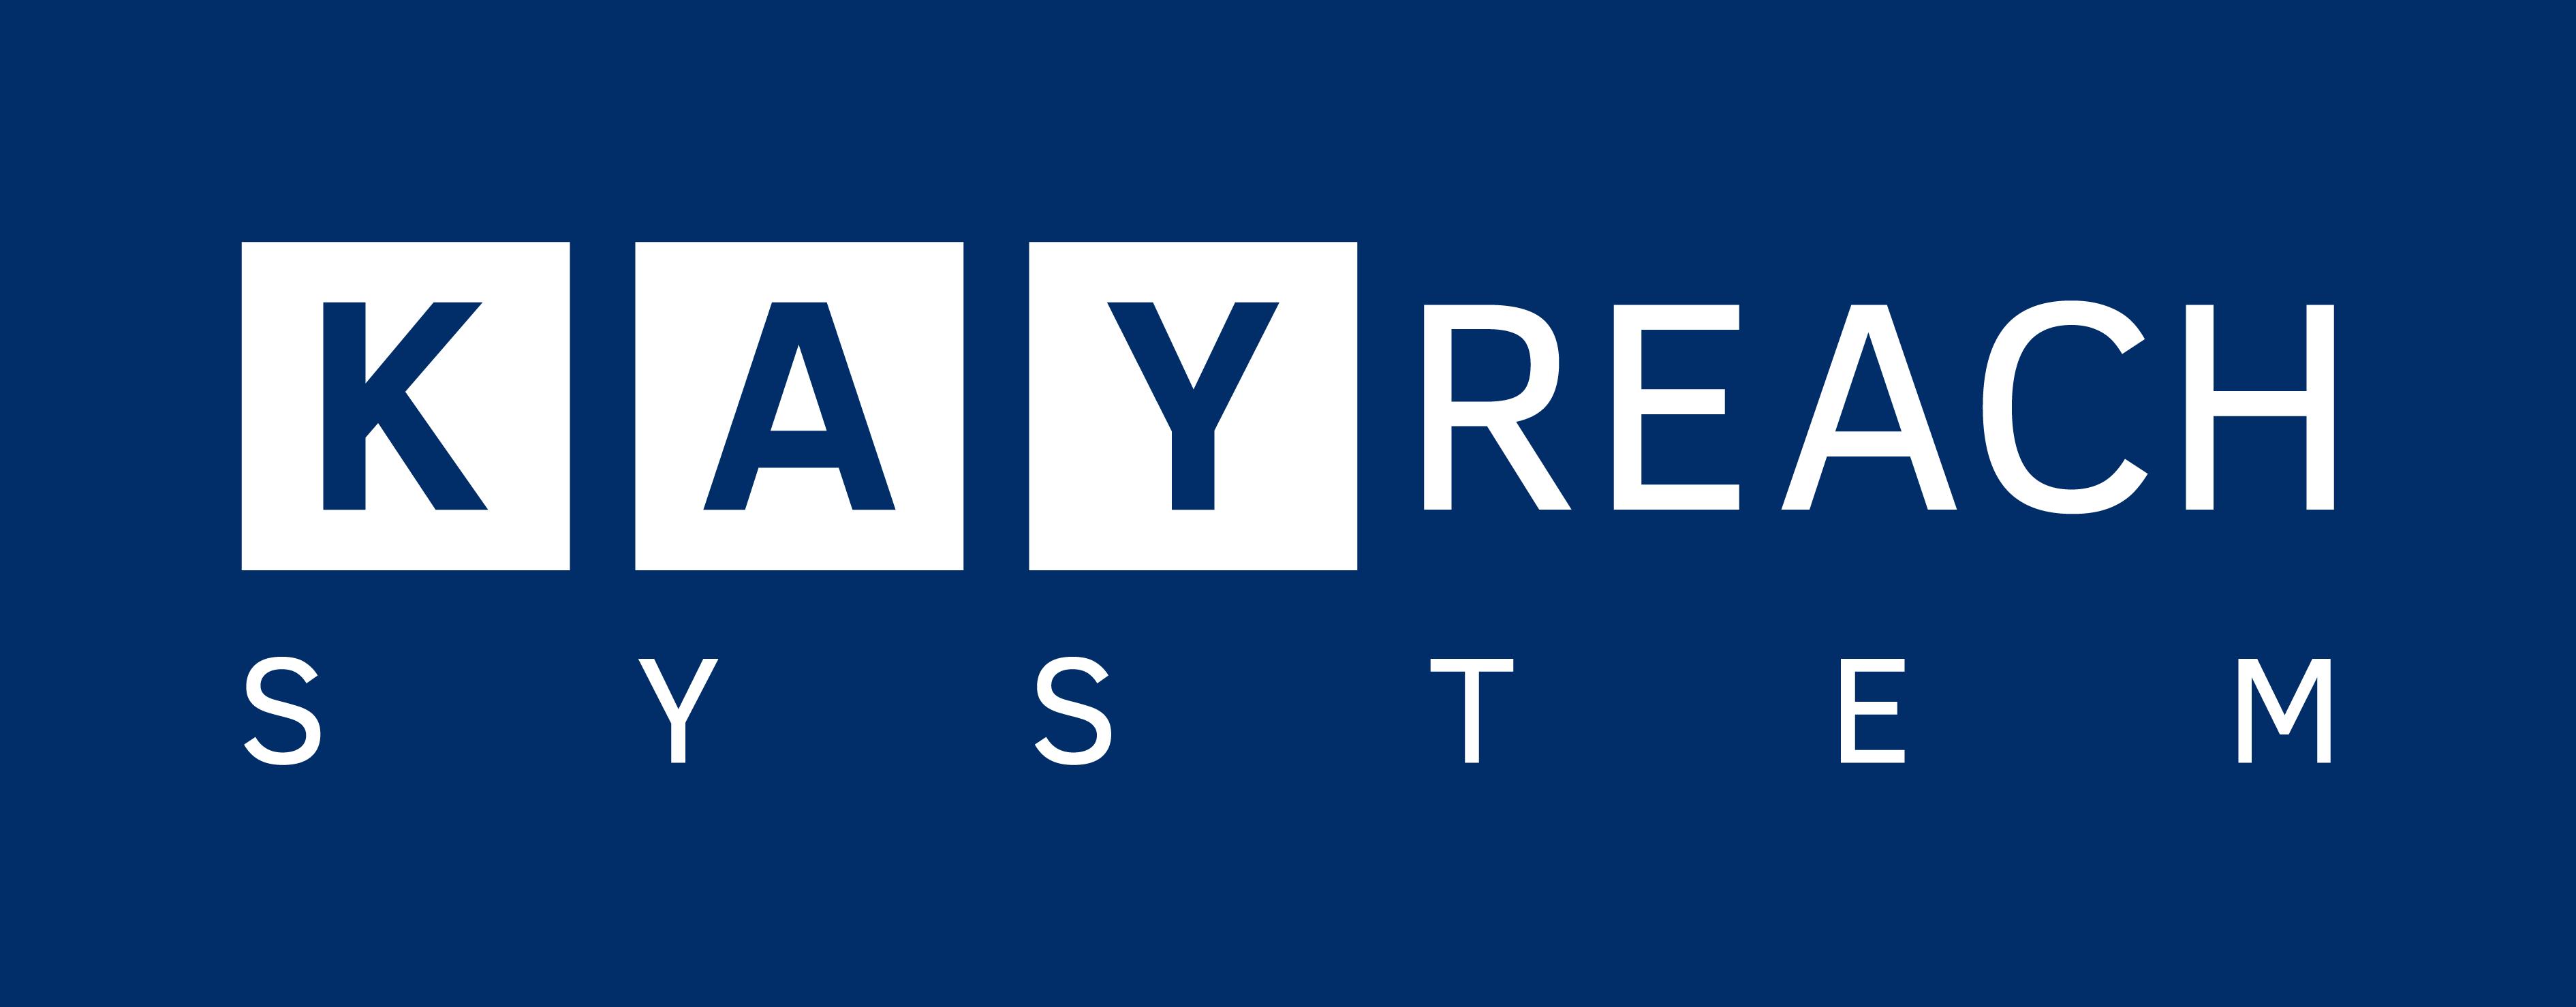 Kayreach Logo